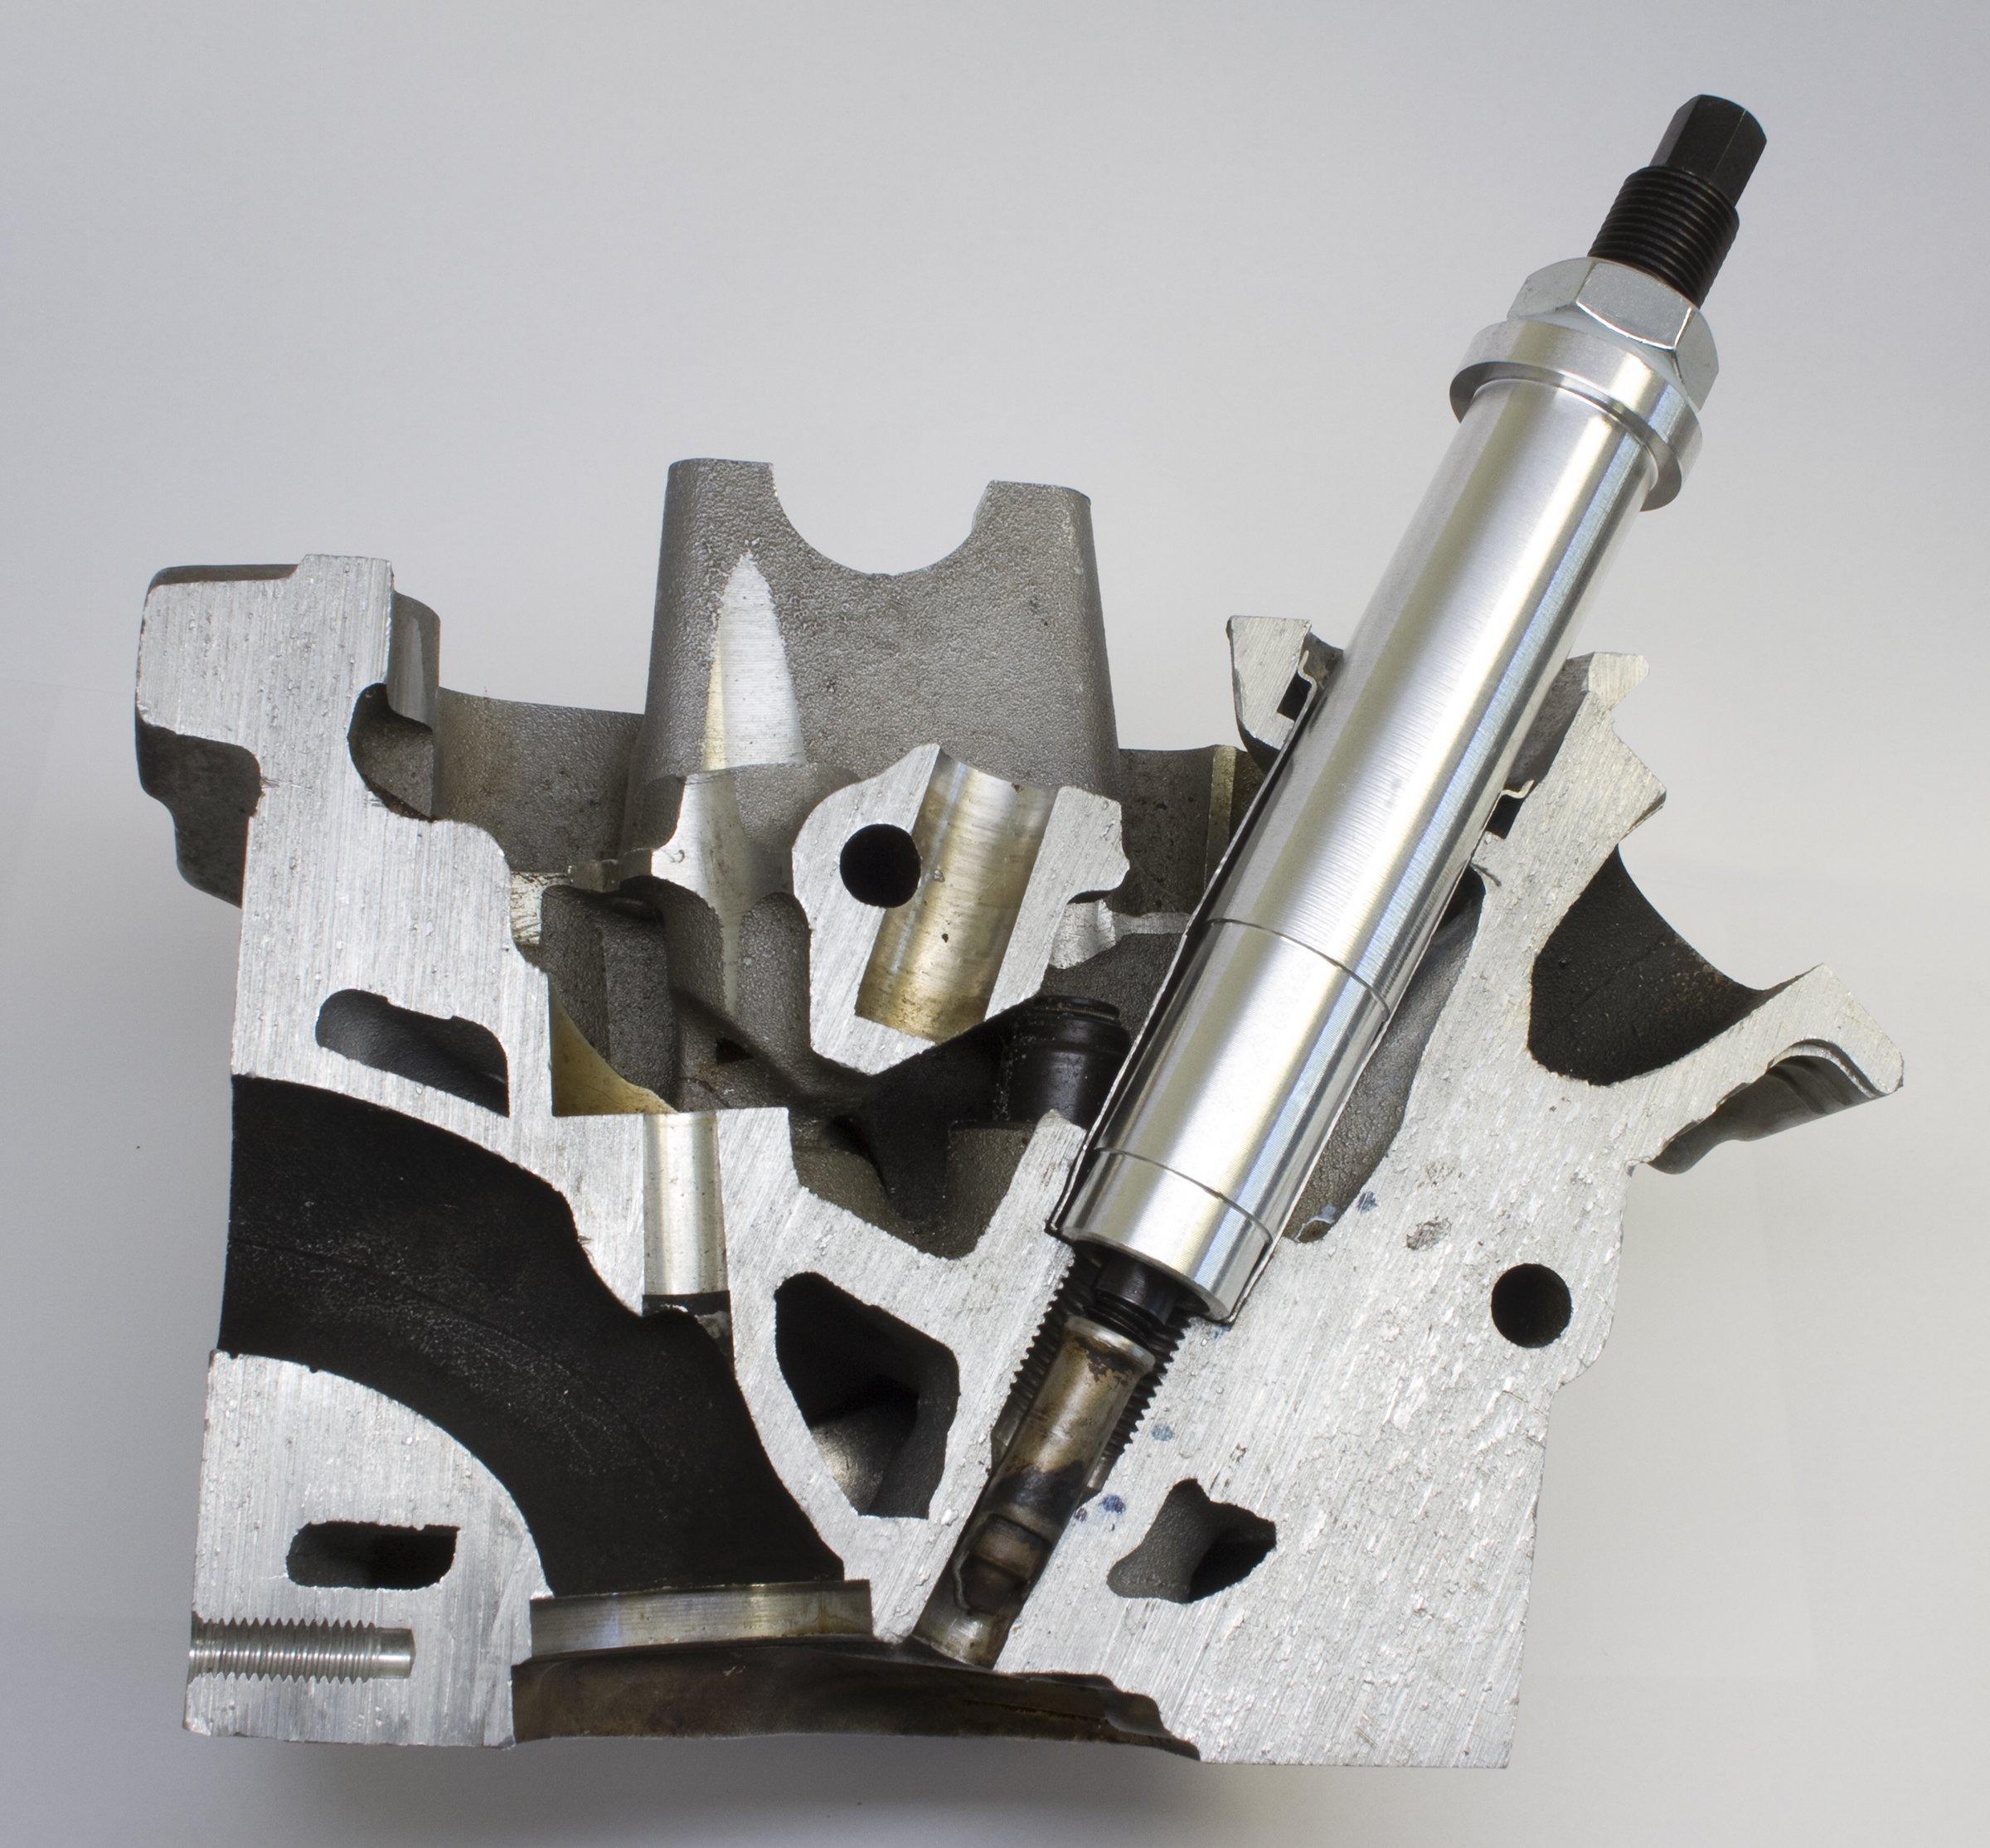 Lisle 65700 Broken Plug Remover Kit for Ford 3V Engine by Lisle (Image #5)